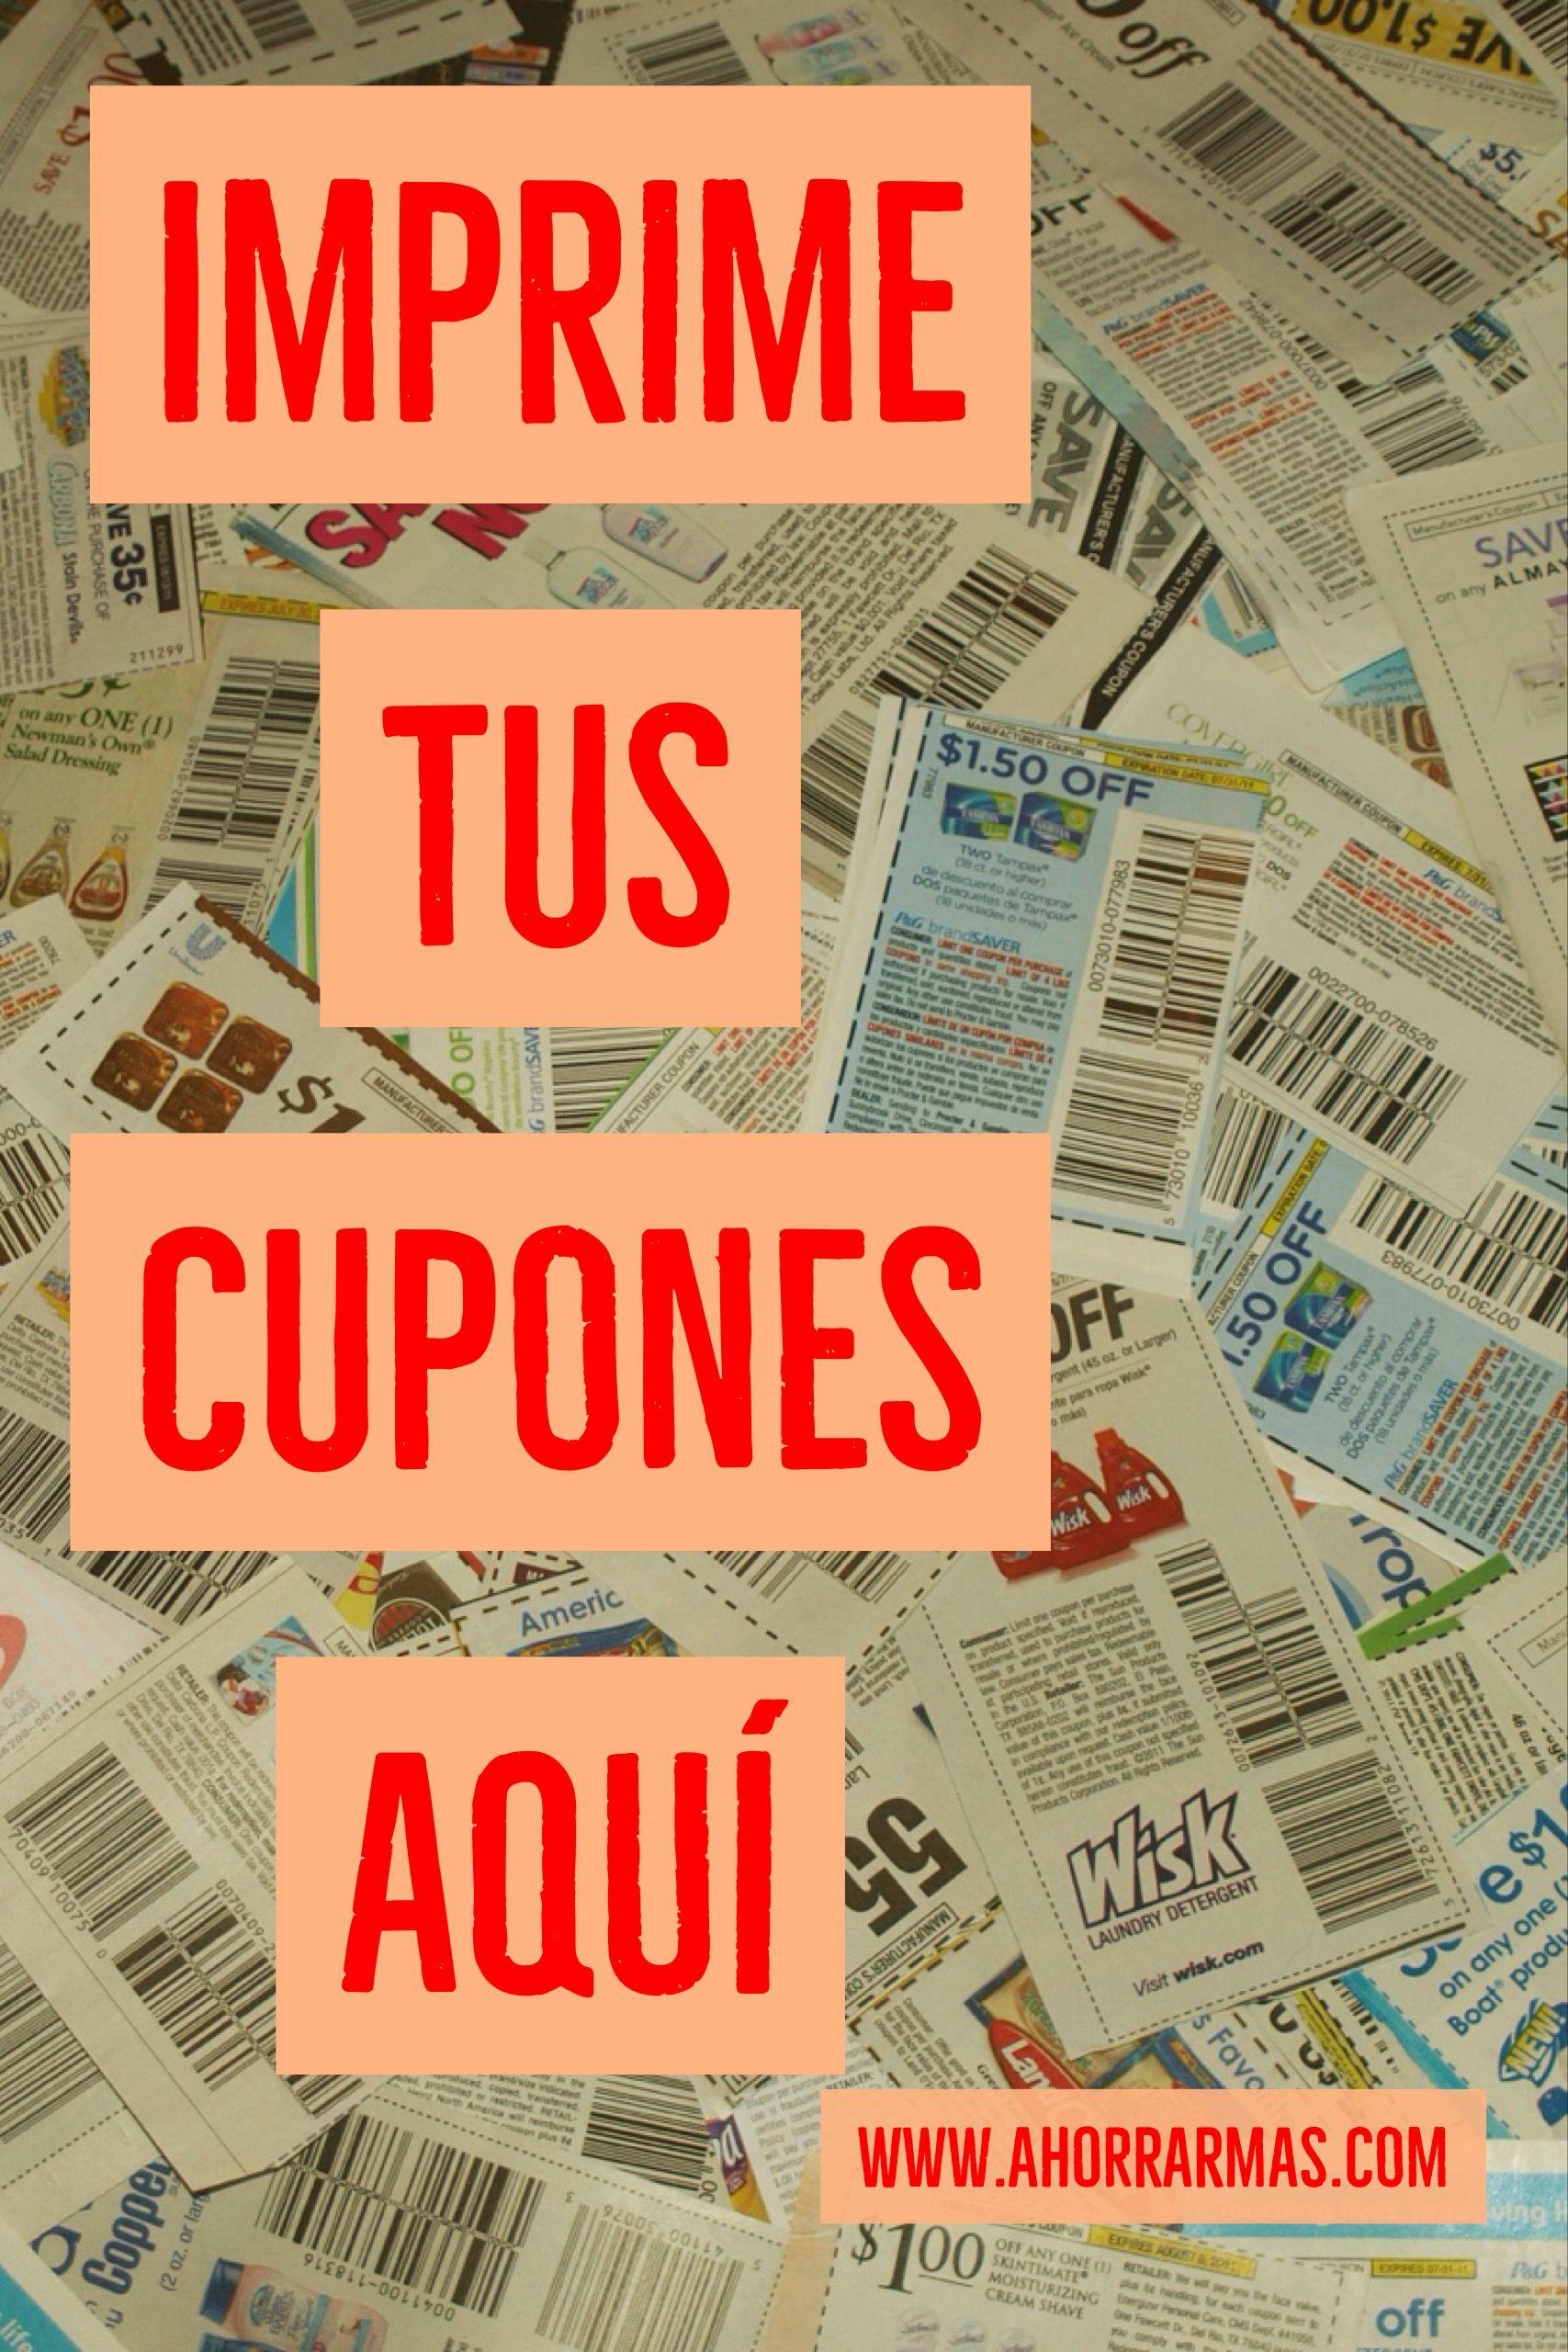 Cupones Para Imprimir Ahorrar Mas Cupones Para Imprimir Cupones De Descuento Gratis Cupones Gratis